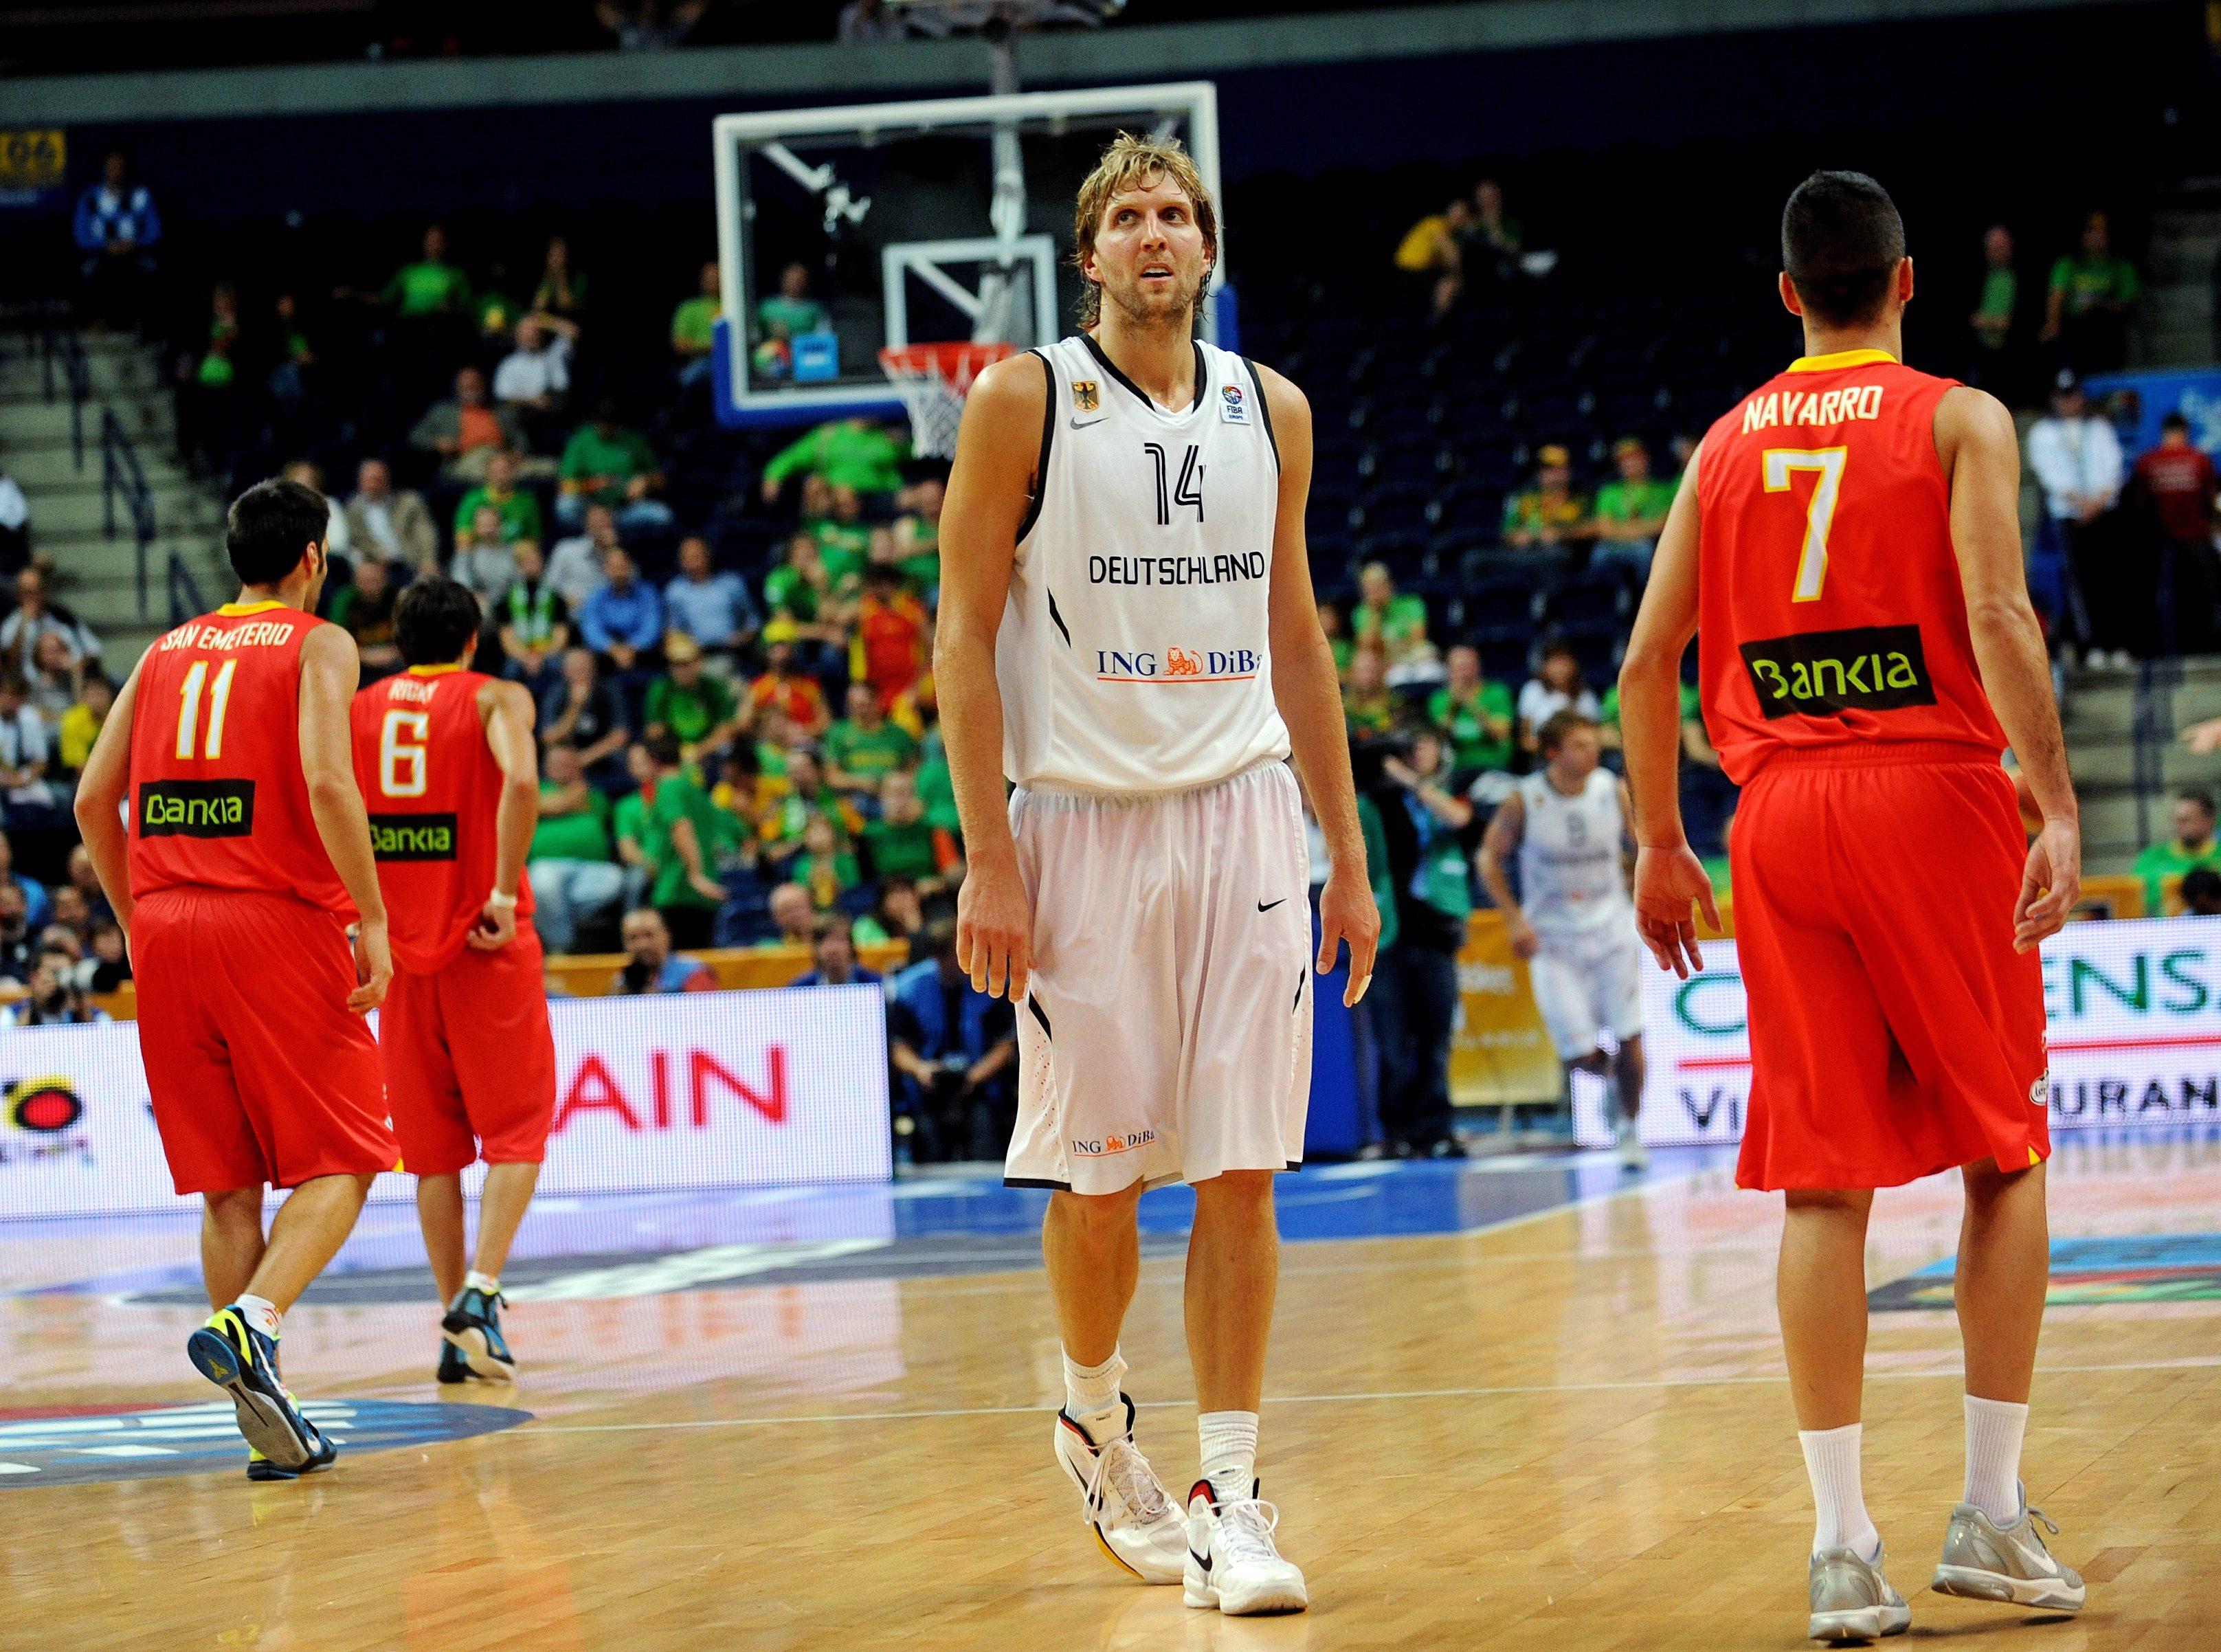 Испания надви Германия във втората фаза на Евробаскет